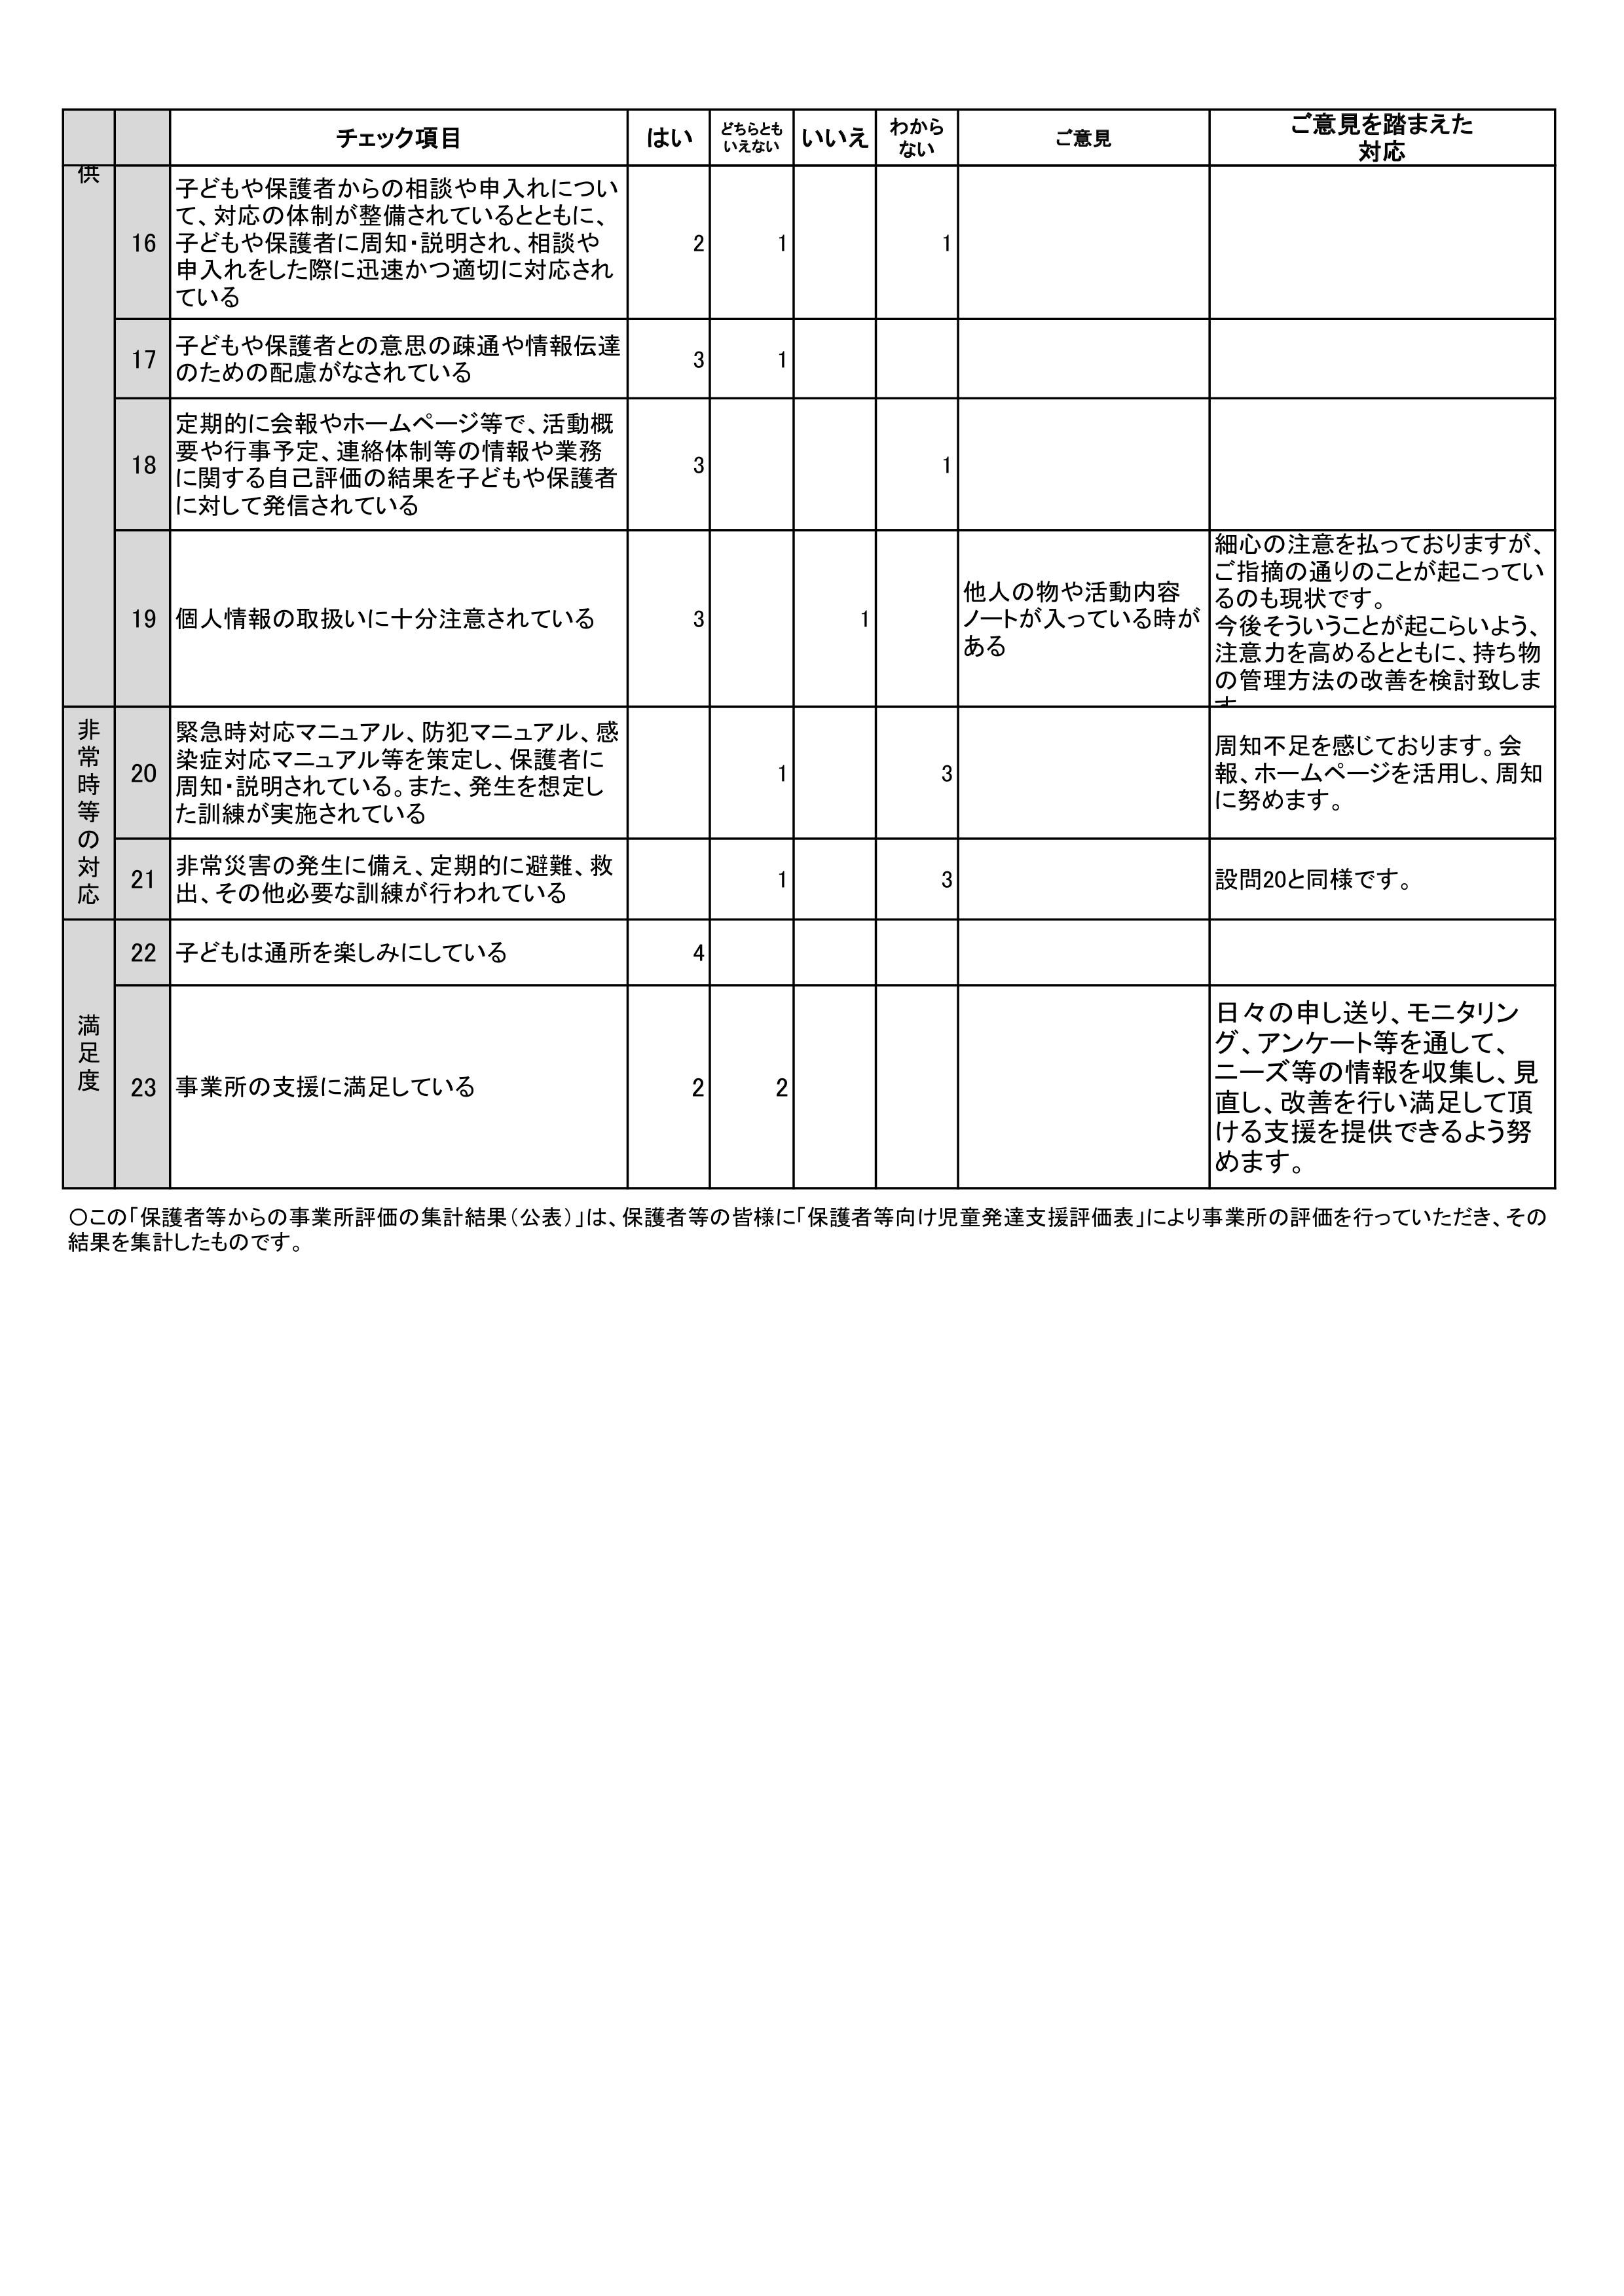 如意谷保護者評価(公表)児童発達支援2019